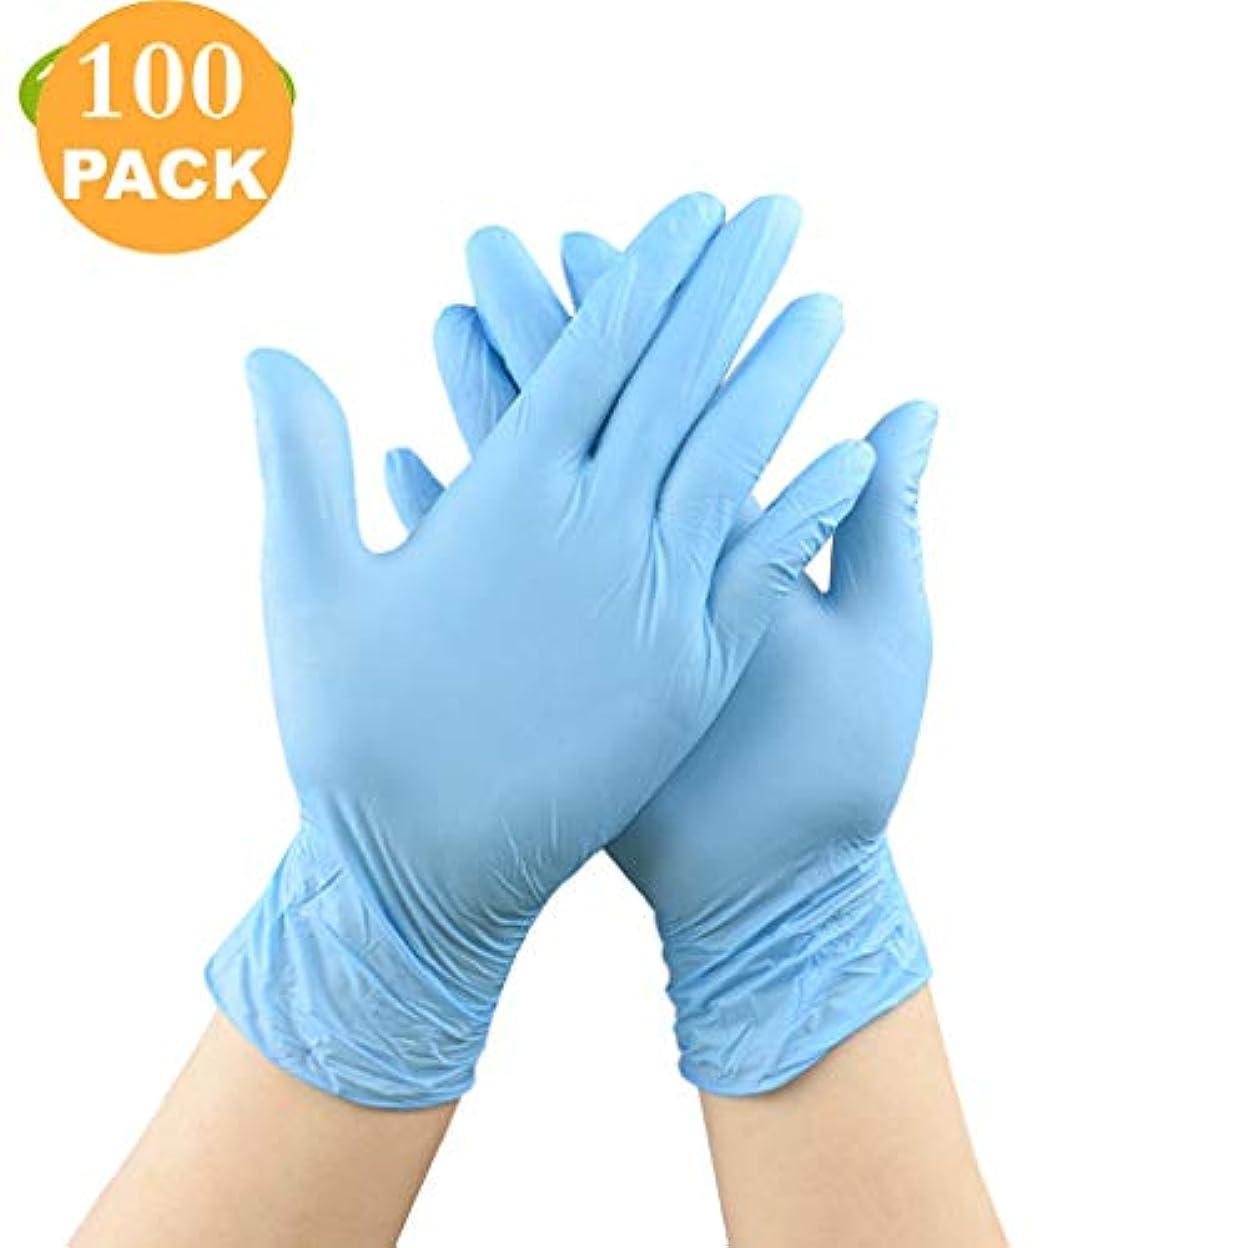 わかりやすい民主主義エロチックニトリル使い捨てケータリングケータリング家事保護の食品用ゴム手袋ゴム手袋耐性-100パーボックス (Color : Blue, Size : L)